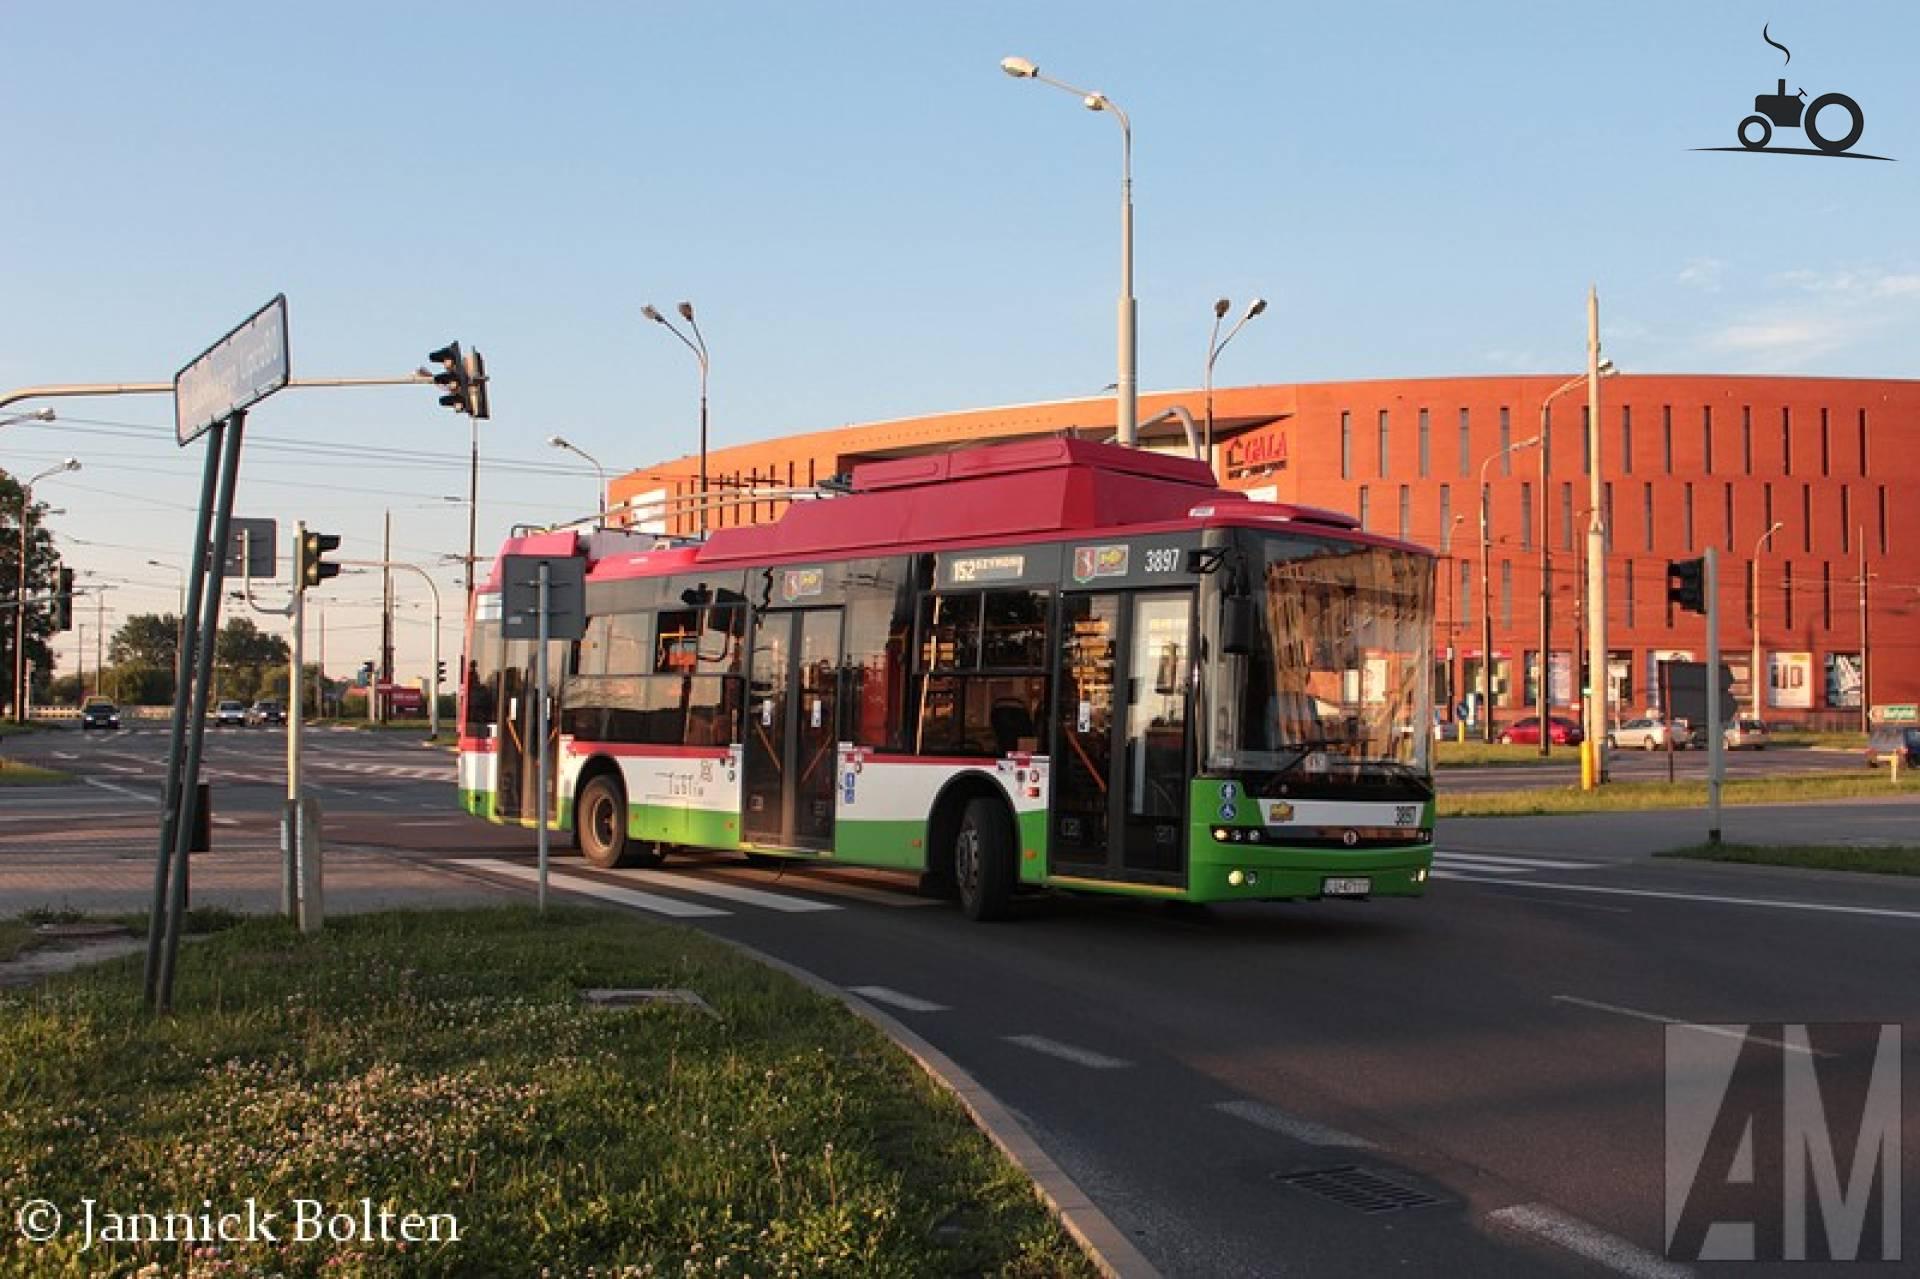 Ursus T70116